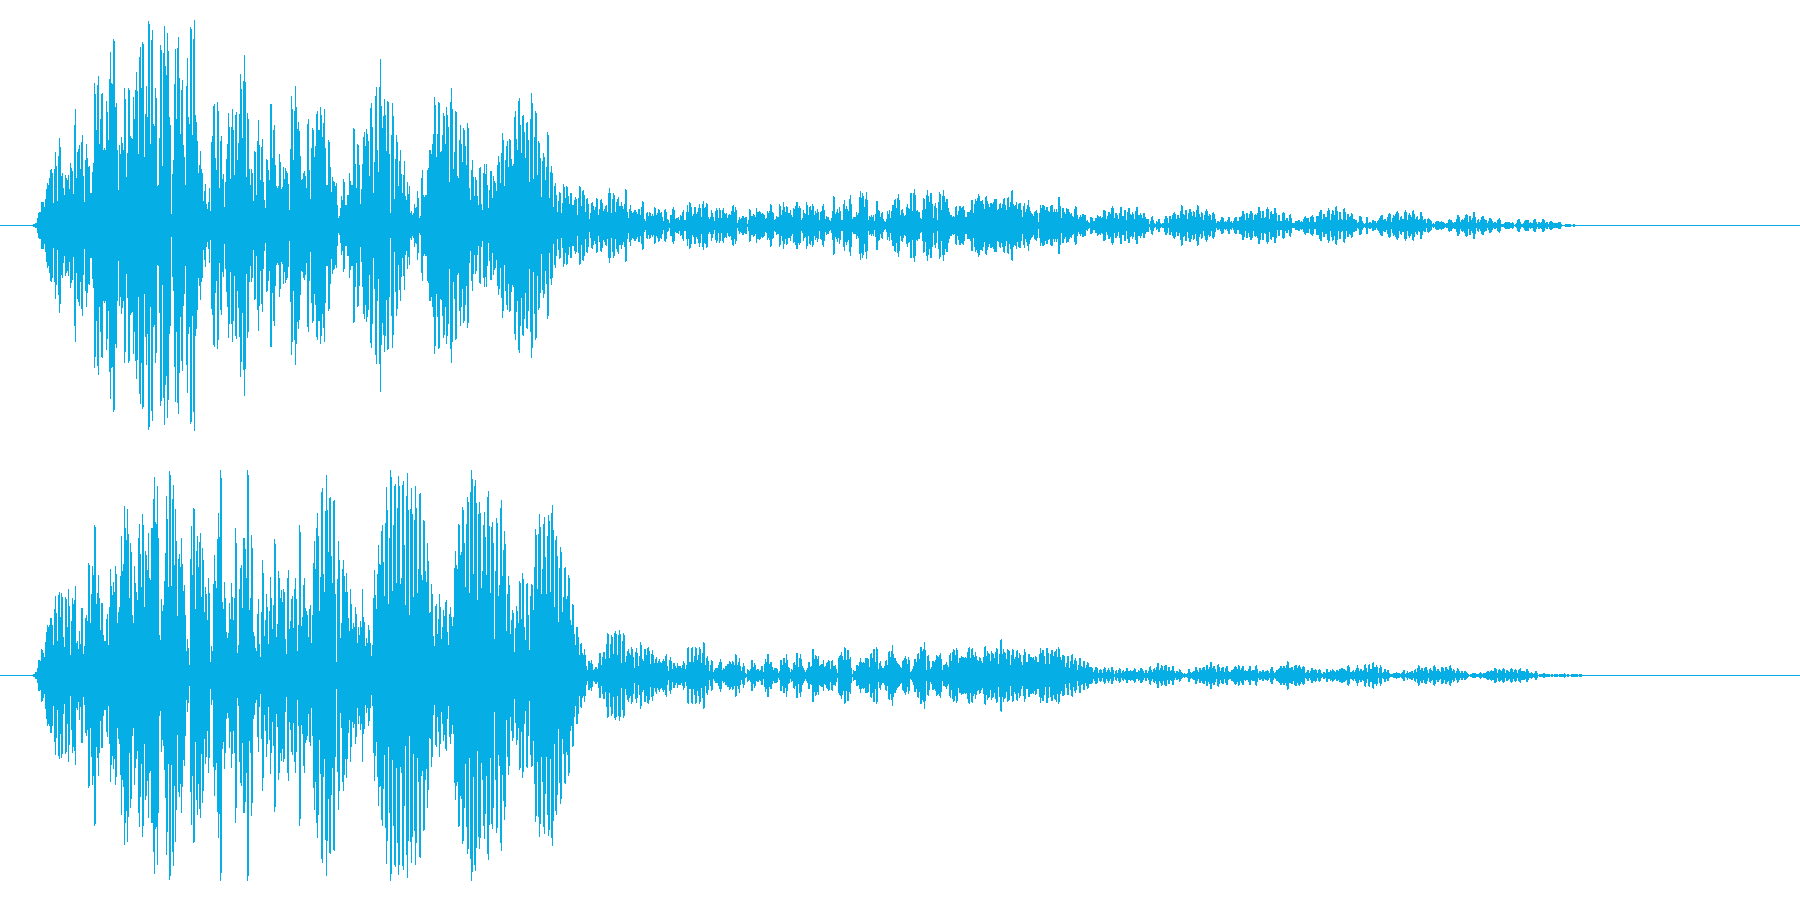 クリック音(一定音)の再生済みの波形